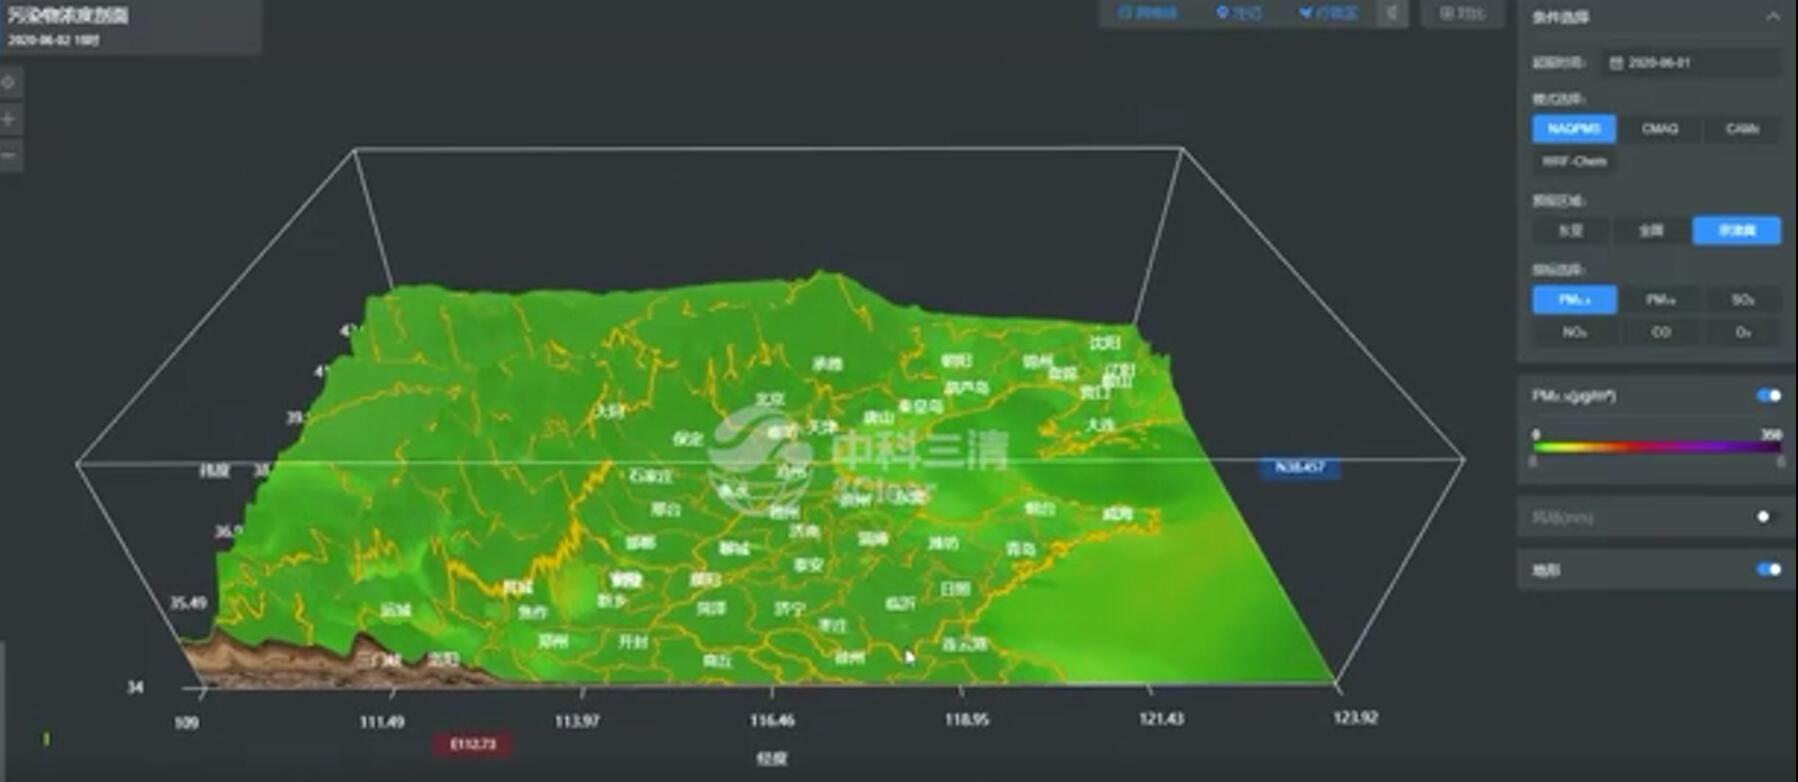 中科三清大气环境多维分析引擎献礼世界环境日